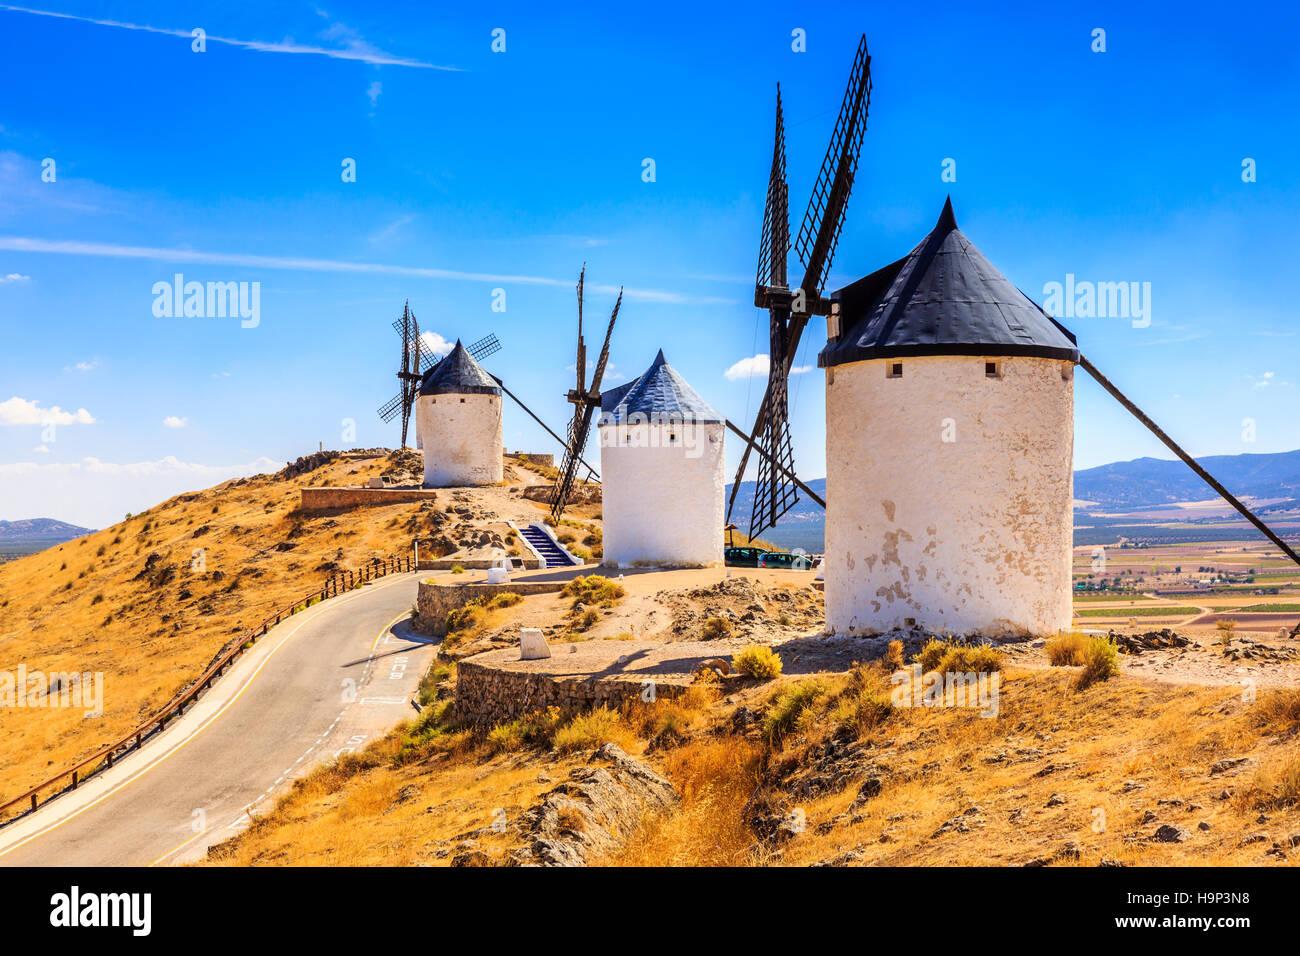 Consuegra, Spagna. Mulini a vento di Don Chisciotte in provincia di Toledo. Immagini Stock